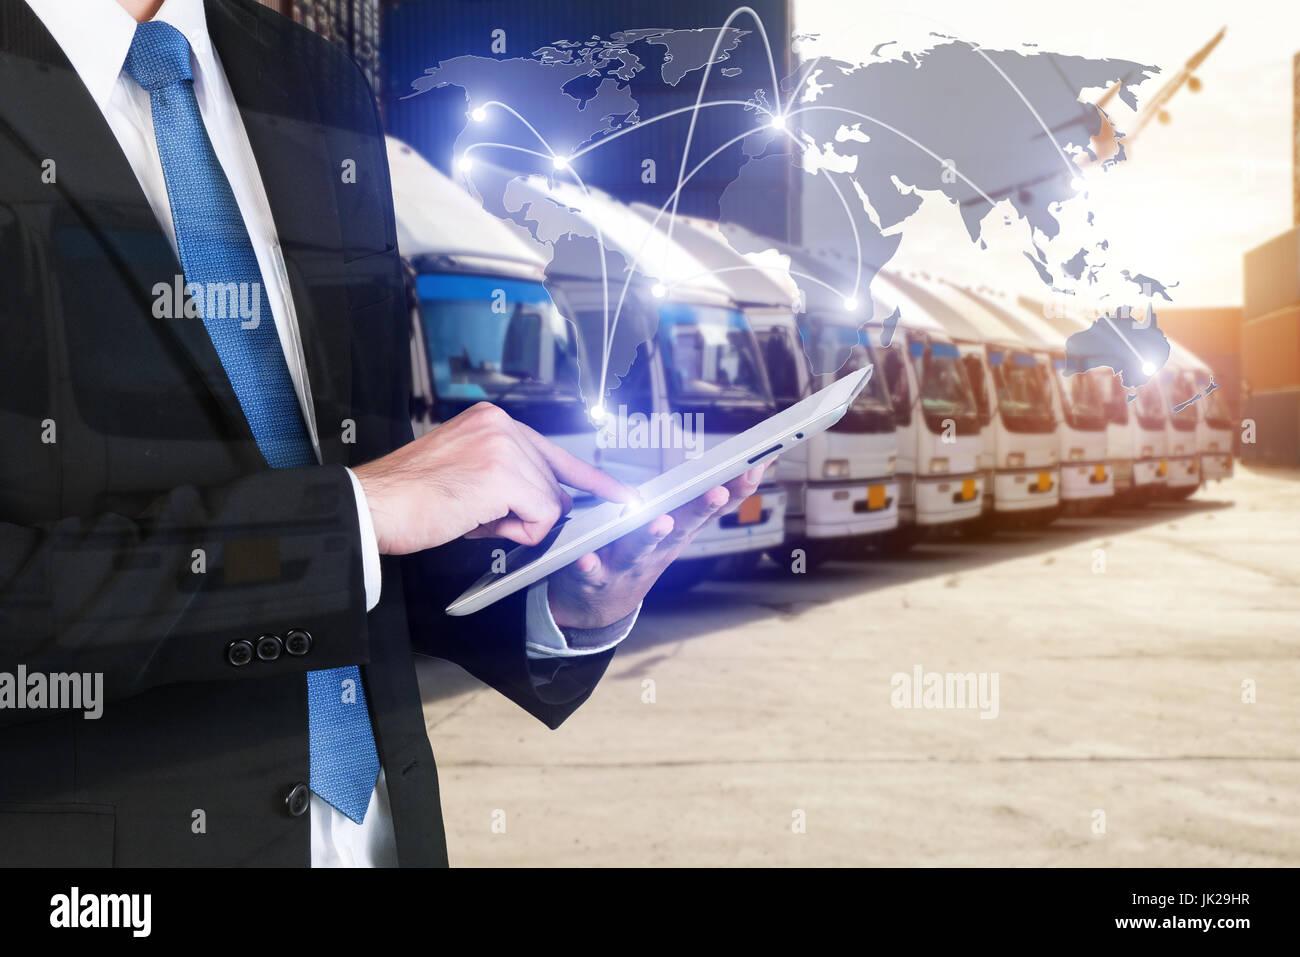 Globales Geschäft Technologie Schnittstelle globaler Partner Verbindung von Containerladung Frachtschiff für Stockbild